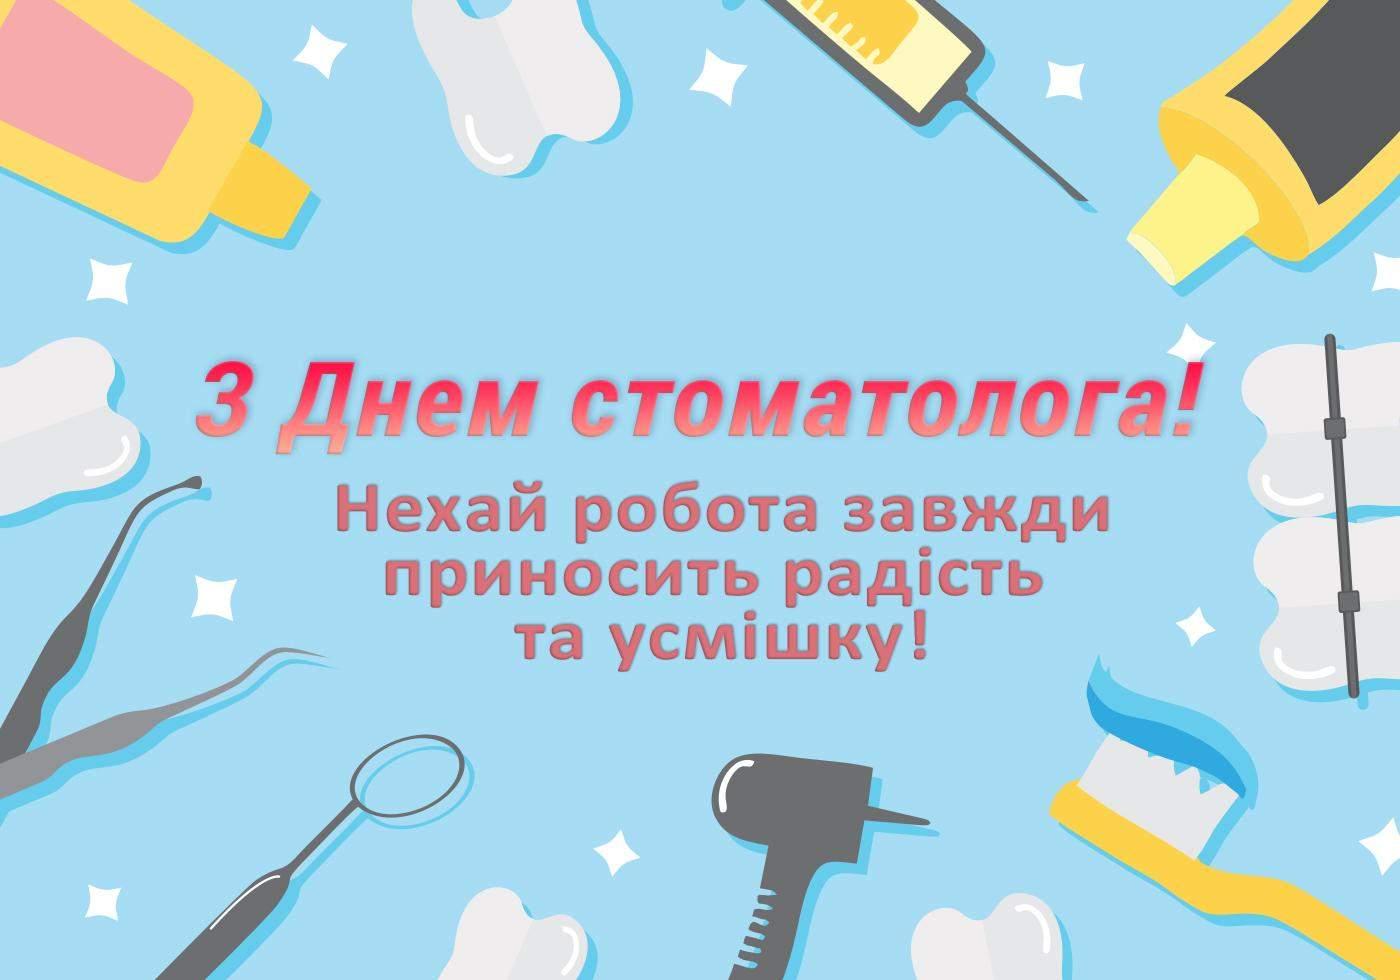 картинки-привітання день стоматолога 2021